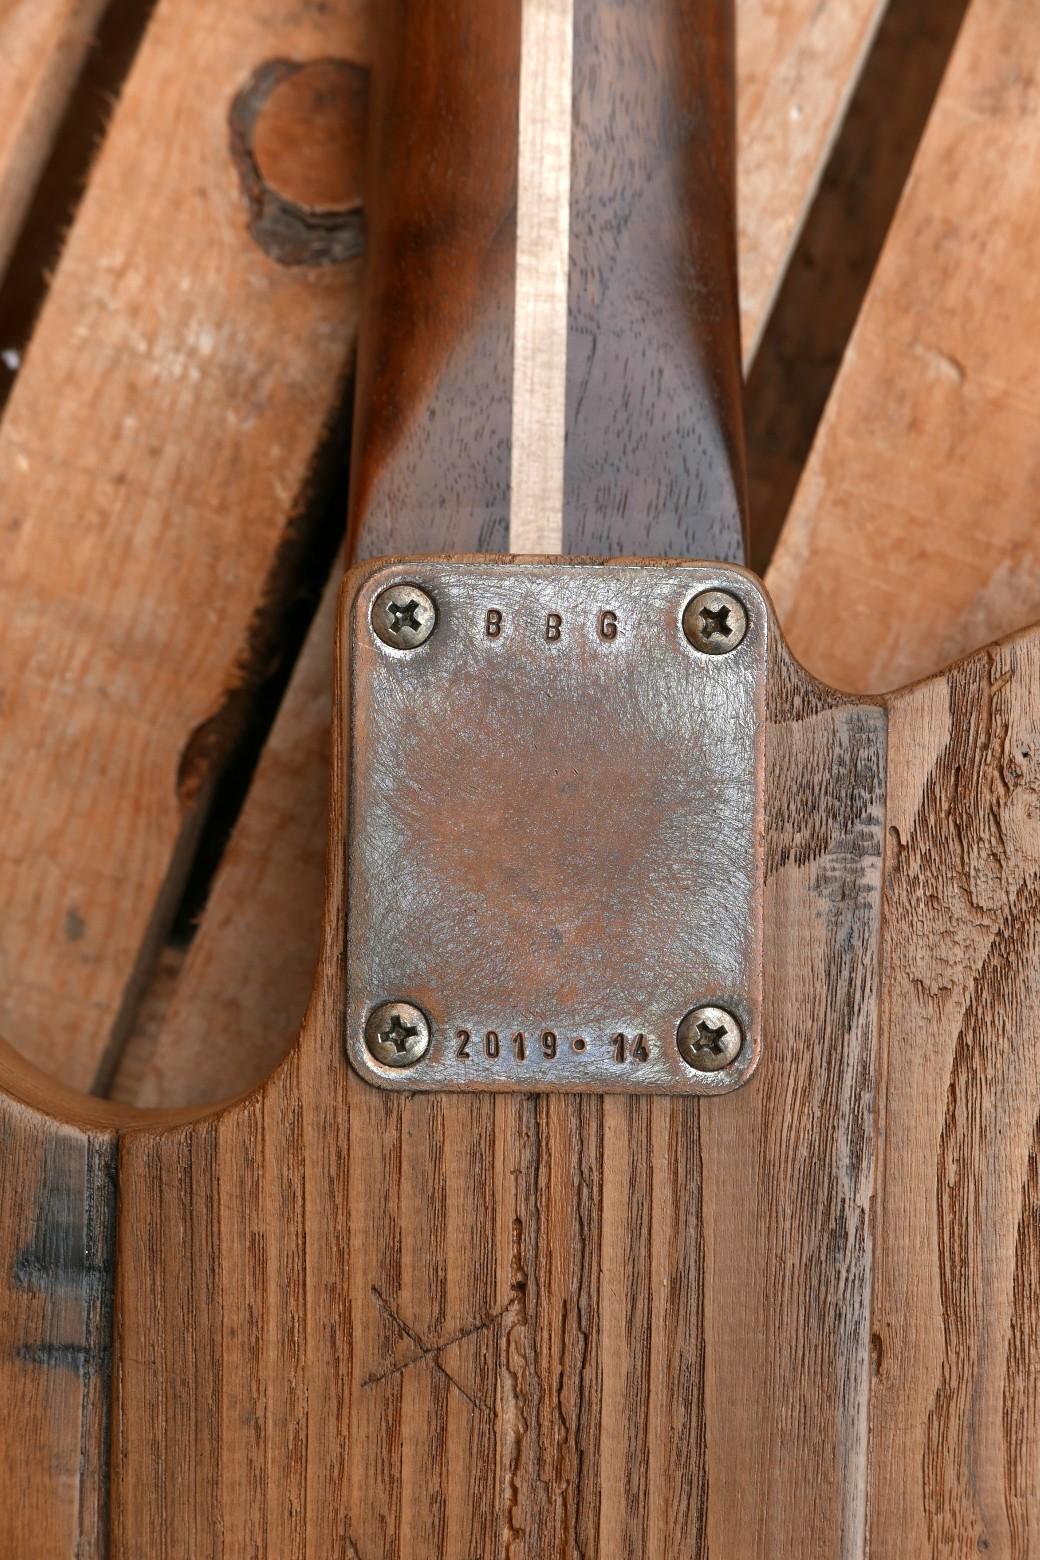 Piastra del manico sul retro del body in castagno tarlato di una Telecaster artigianale